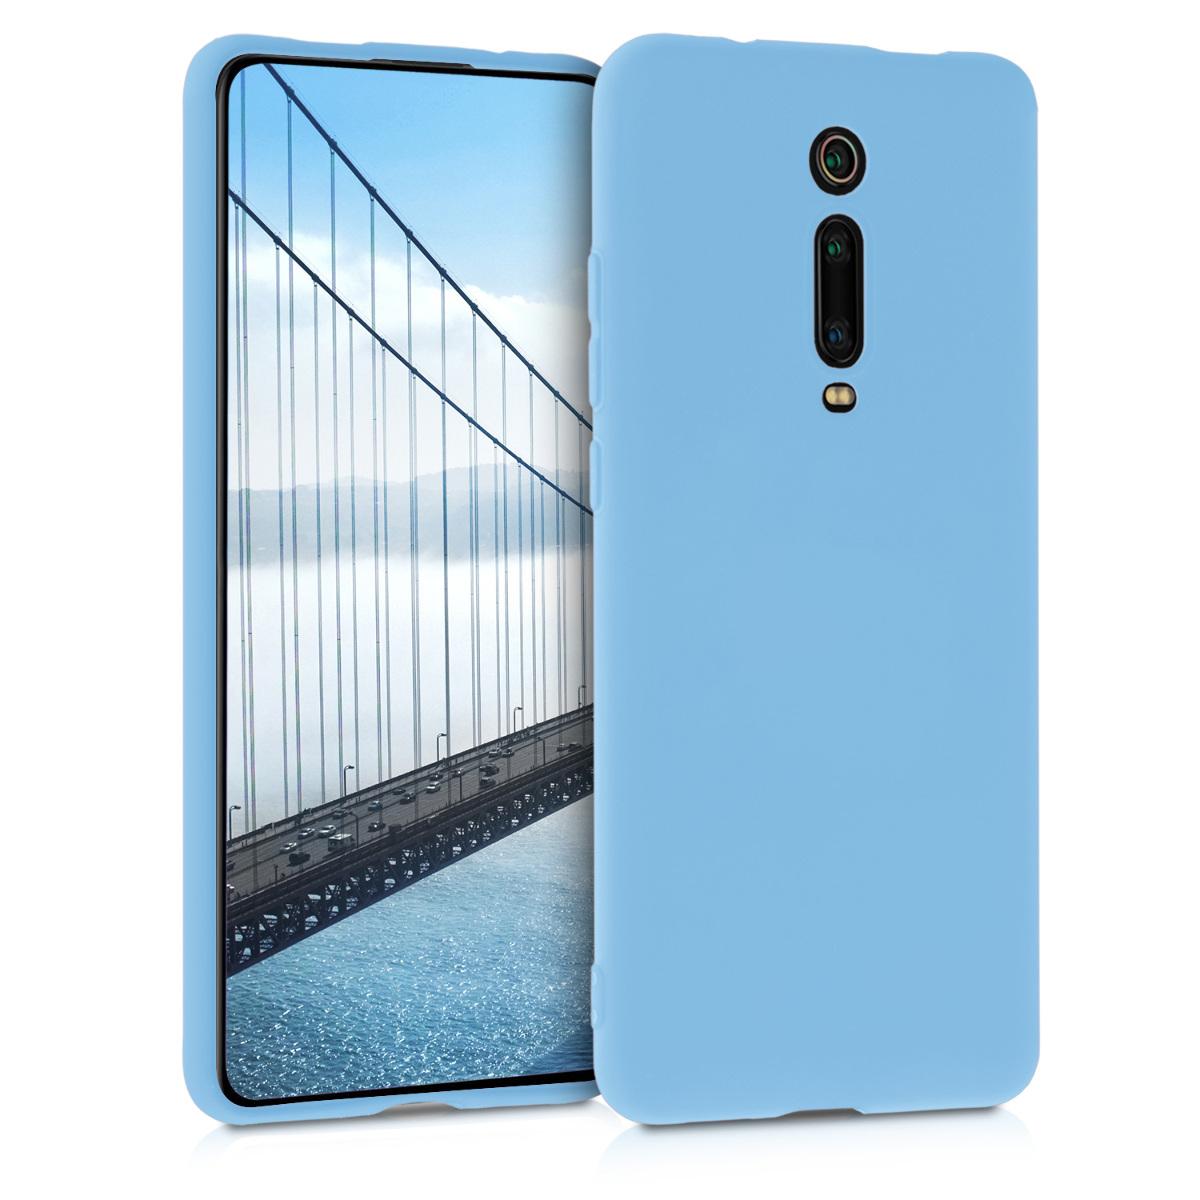 KW Θήκη Σιλικόνης Xiaomi Mi 9T / Redmi K20 - Dove Blue (49224.161)